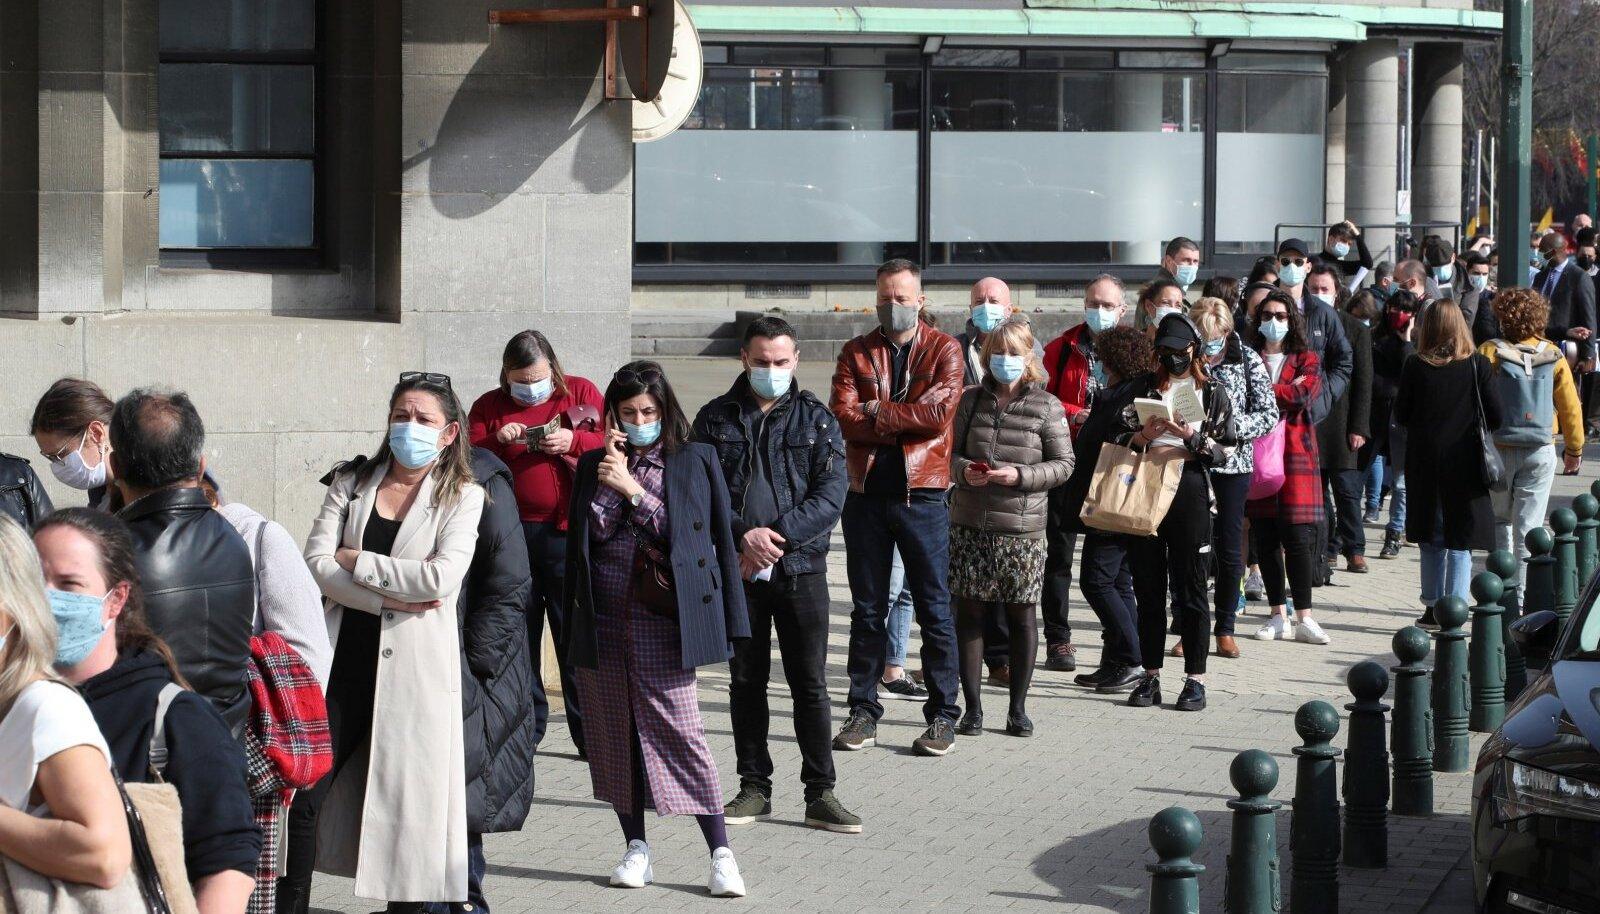 TAHAKS SÜSTI: Inimesed Brüsseli suurima vakstineerimiskeskuse järjekorras.